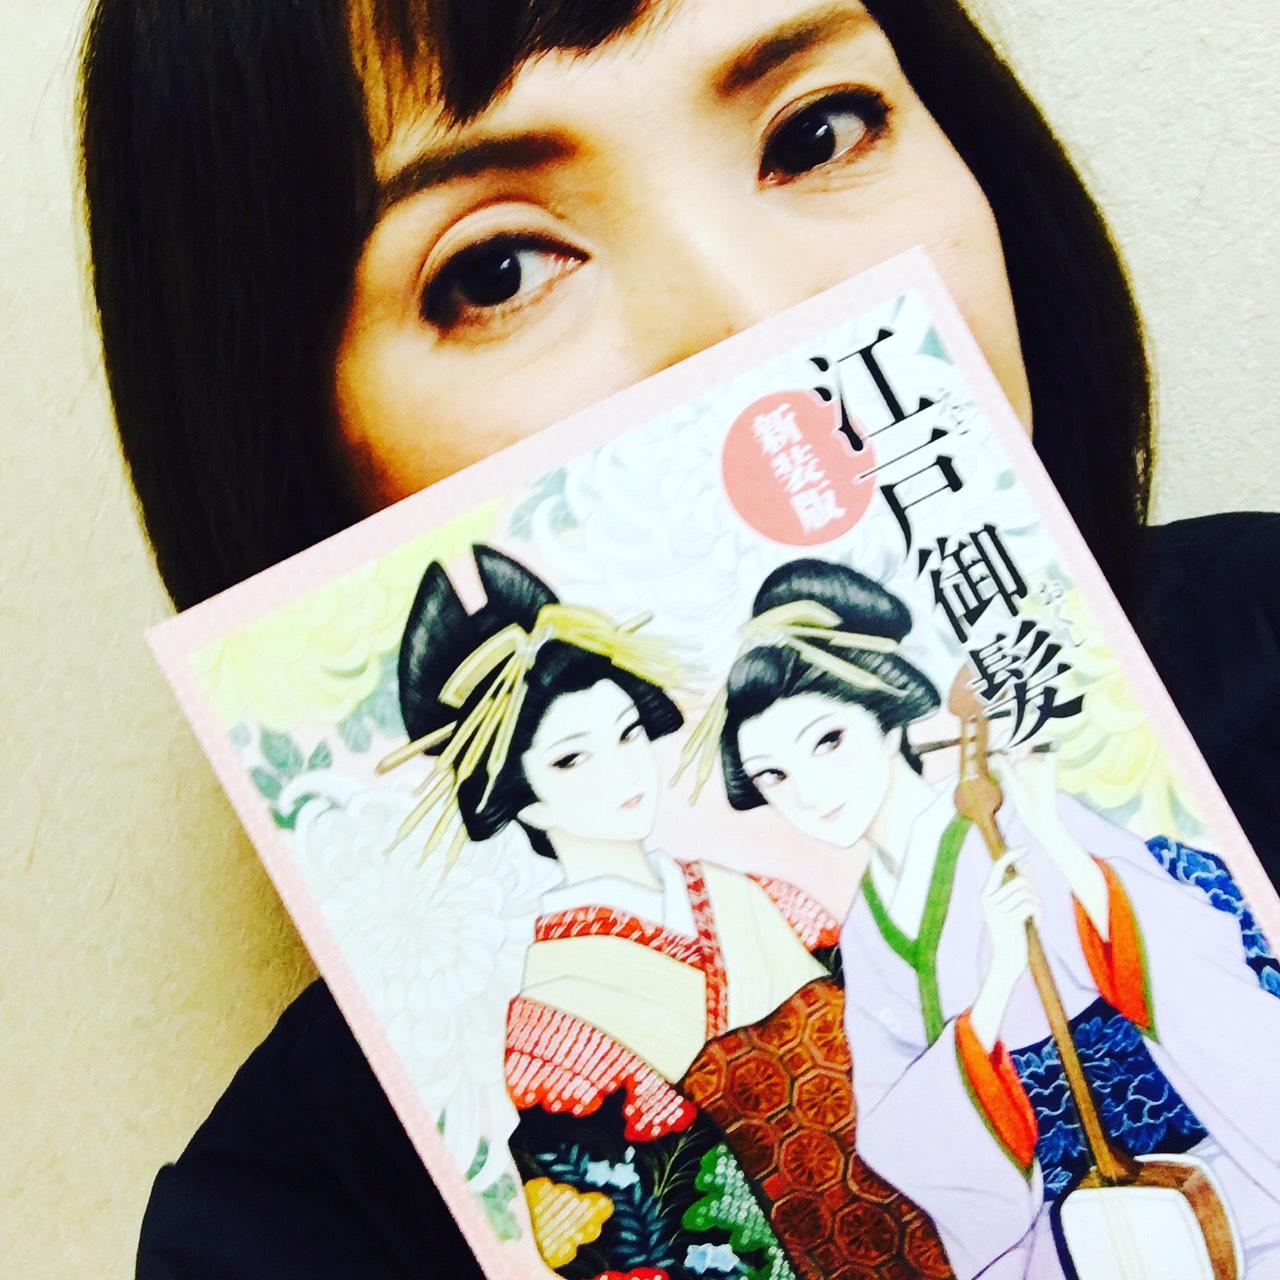 江戸時代の女性に負けないように、綺麗な髪でいたいですね